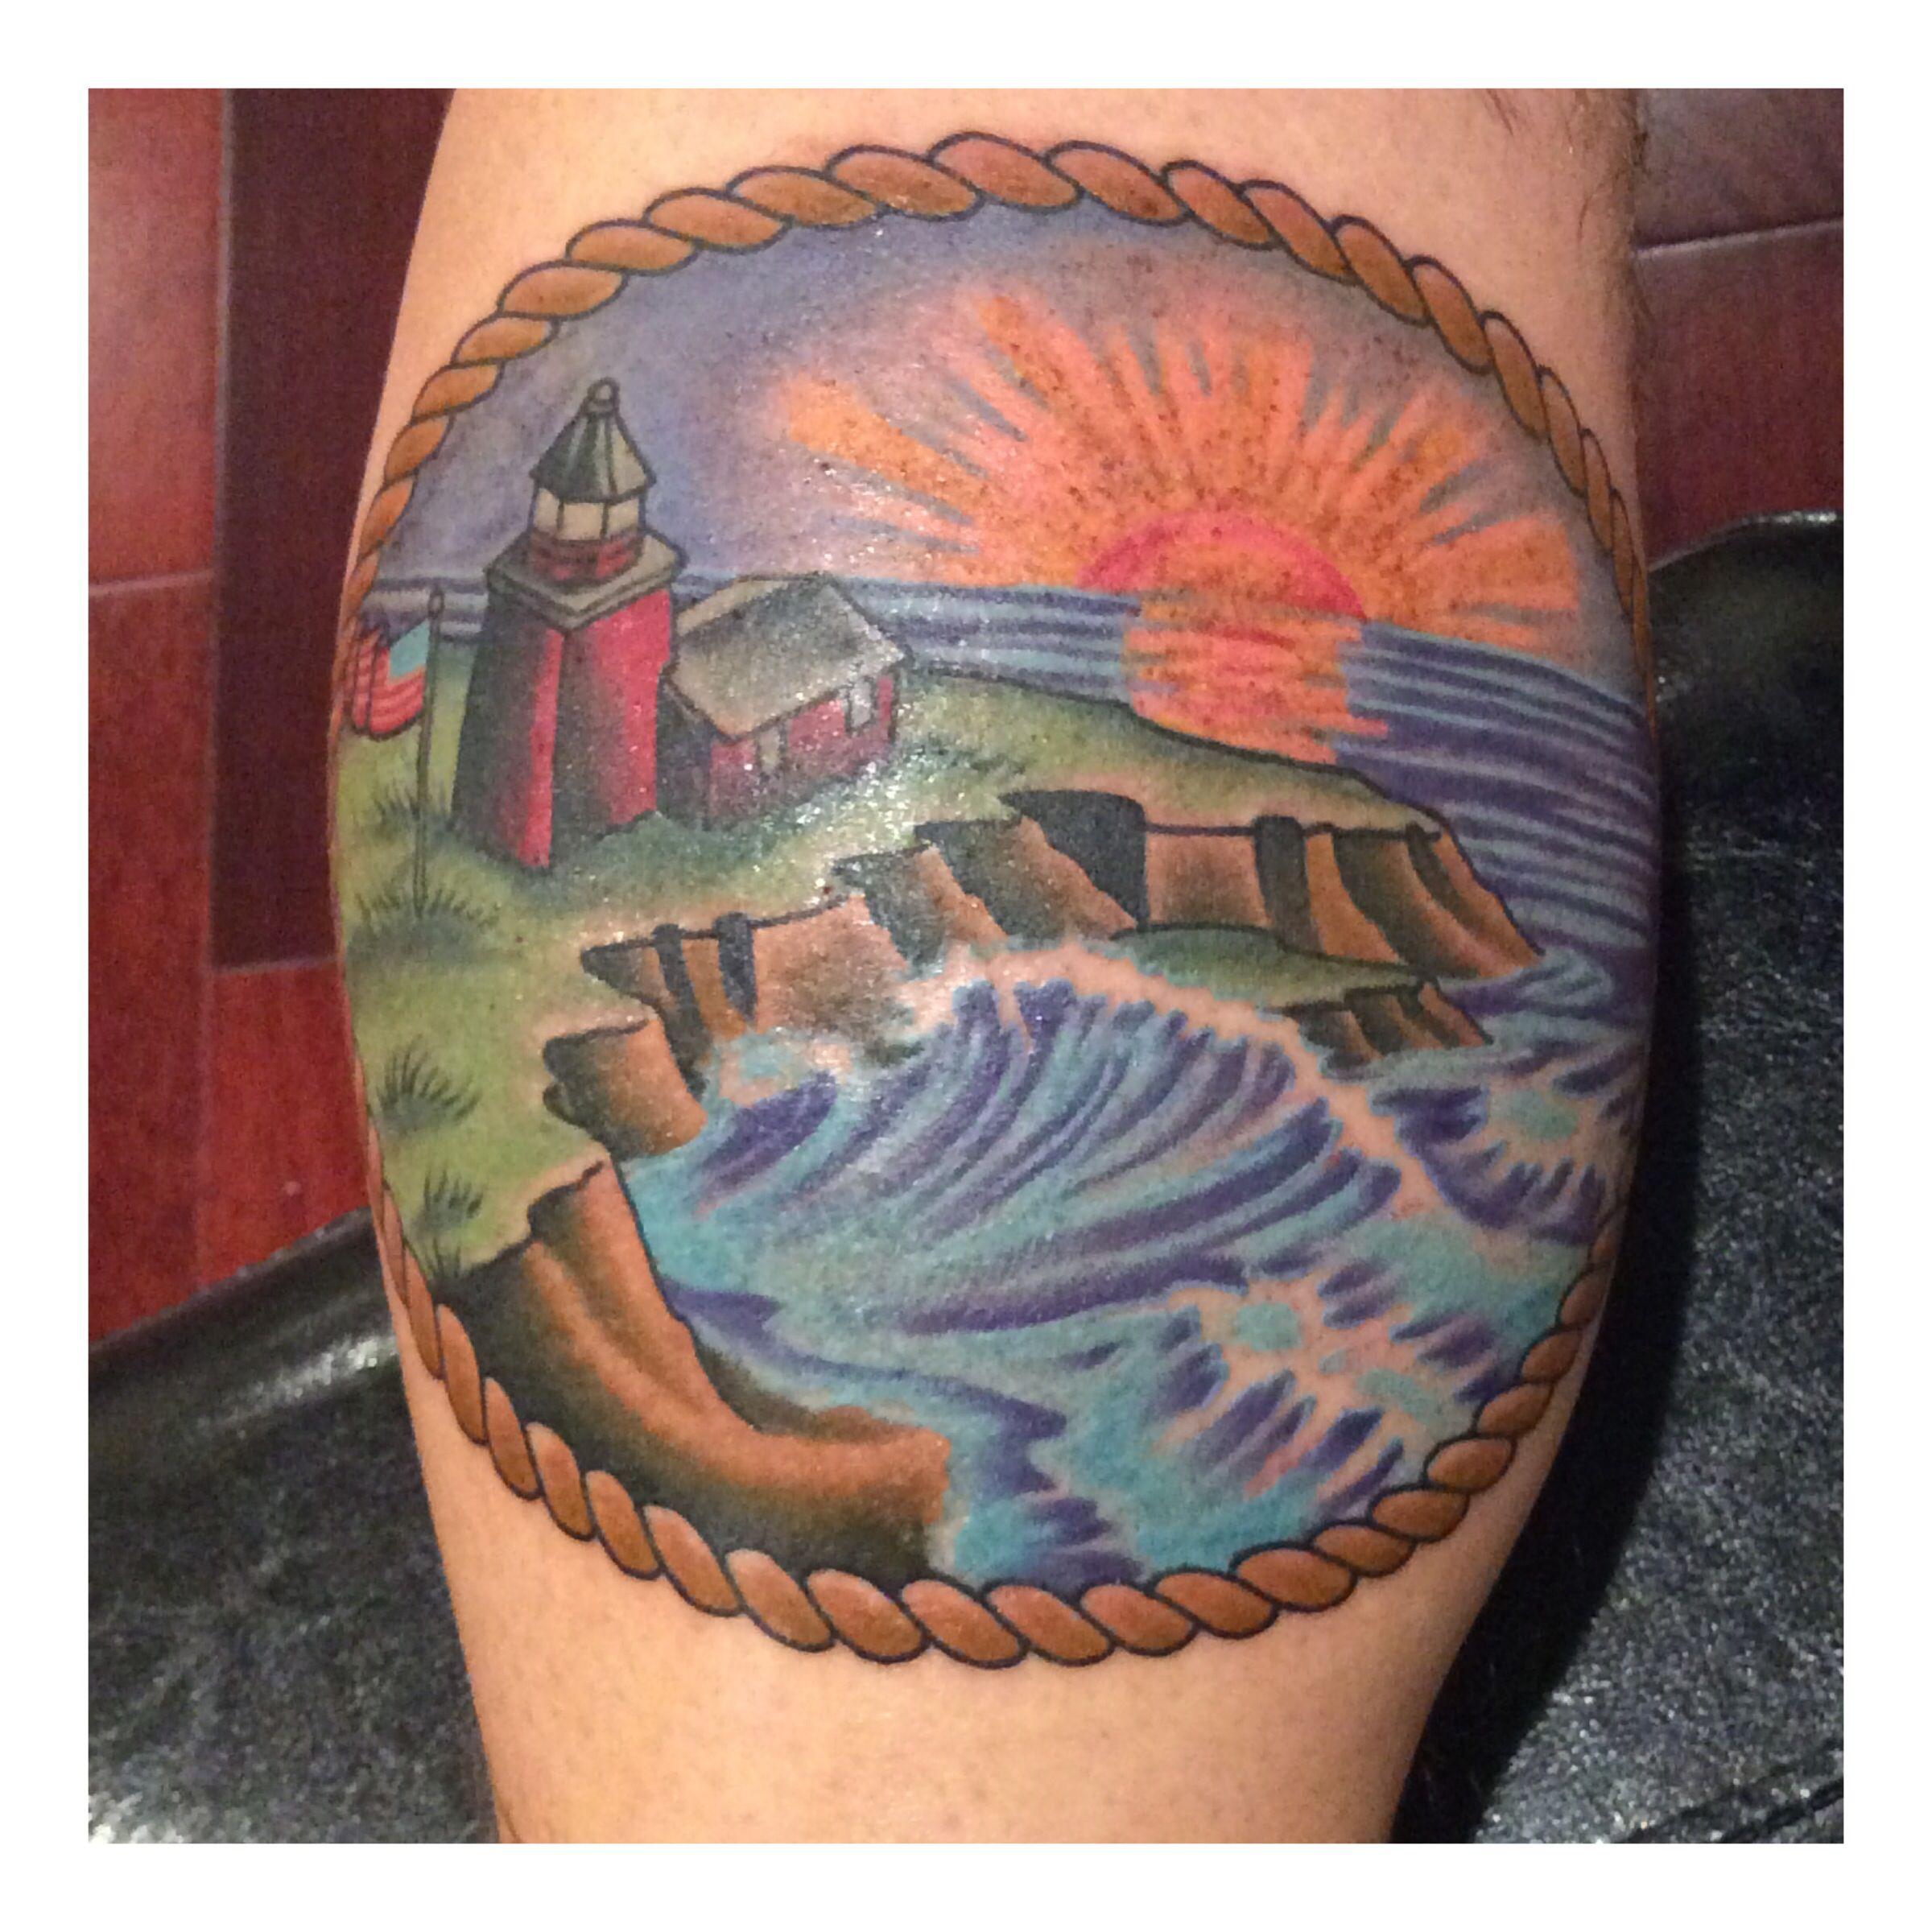 Tattoo by Jojo Miller, Dynamic Ink, Eternal Ink, Radiant